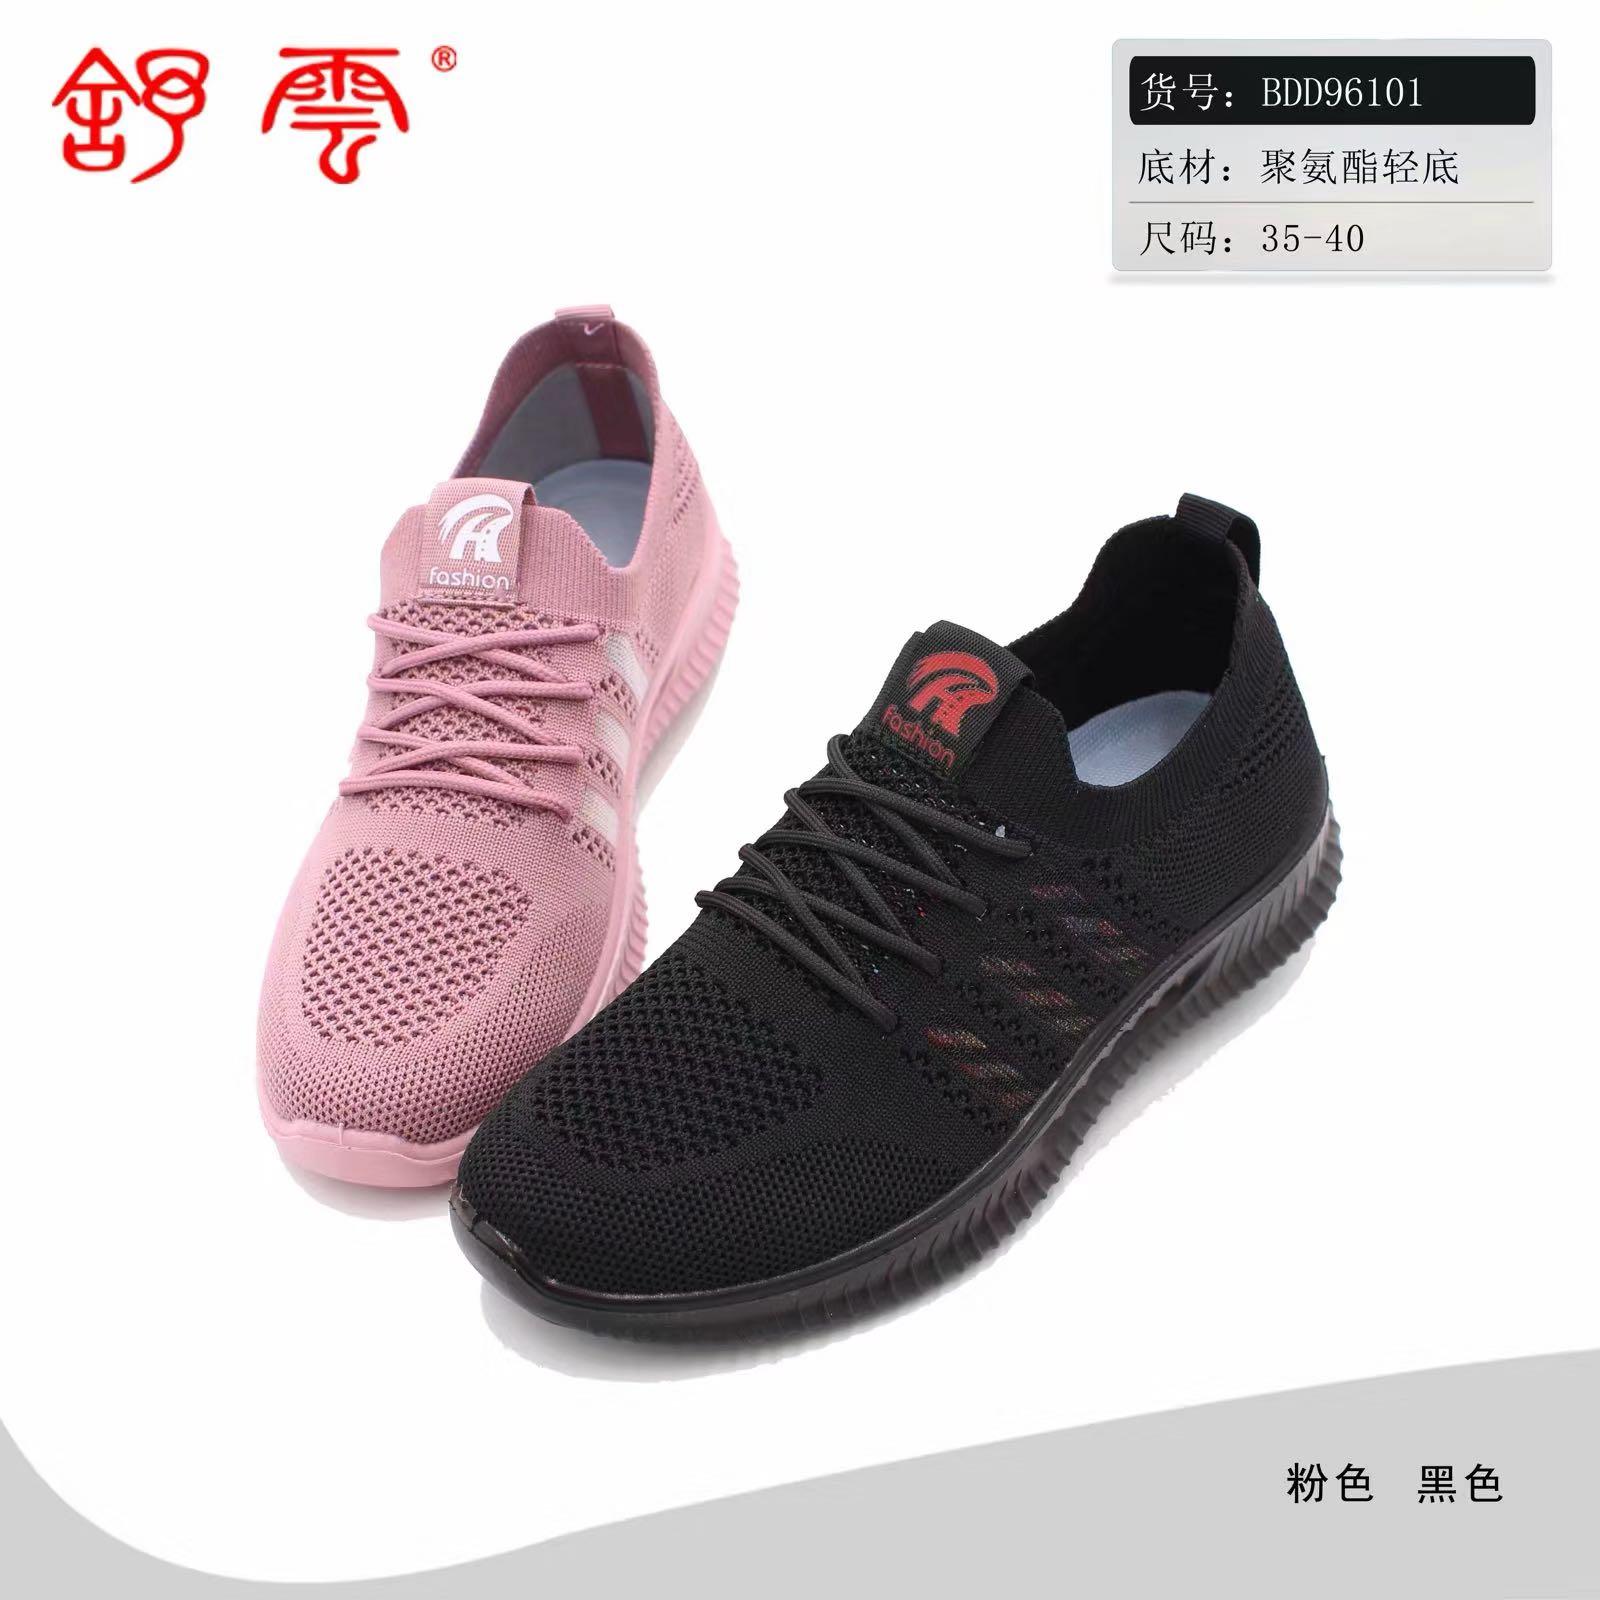 舒云老北京布鞋女士运动休闲版飞织面料套脚2020春季新品